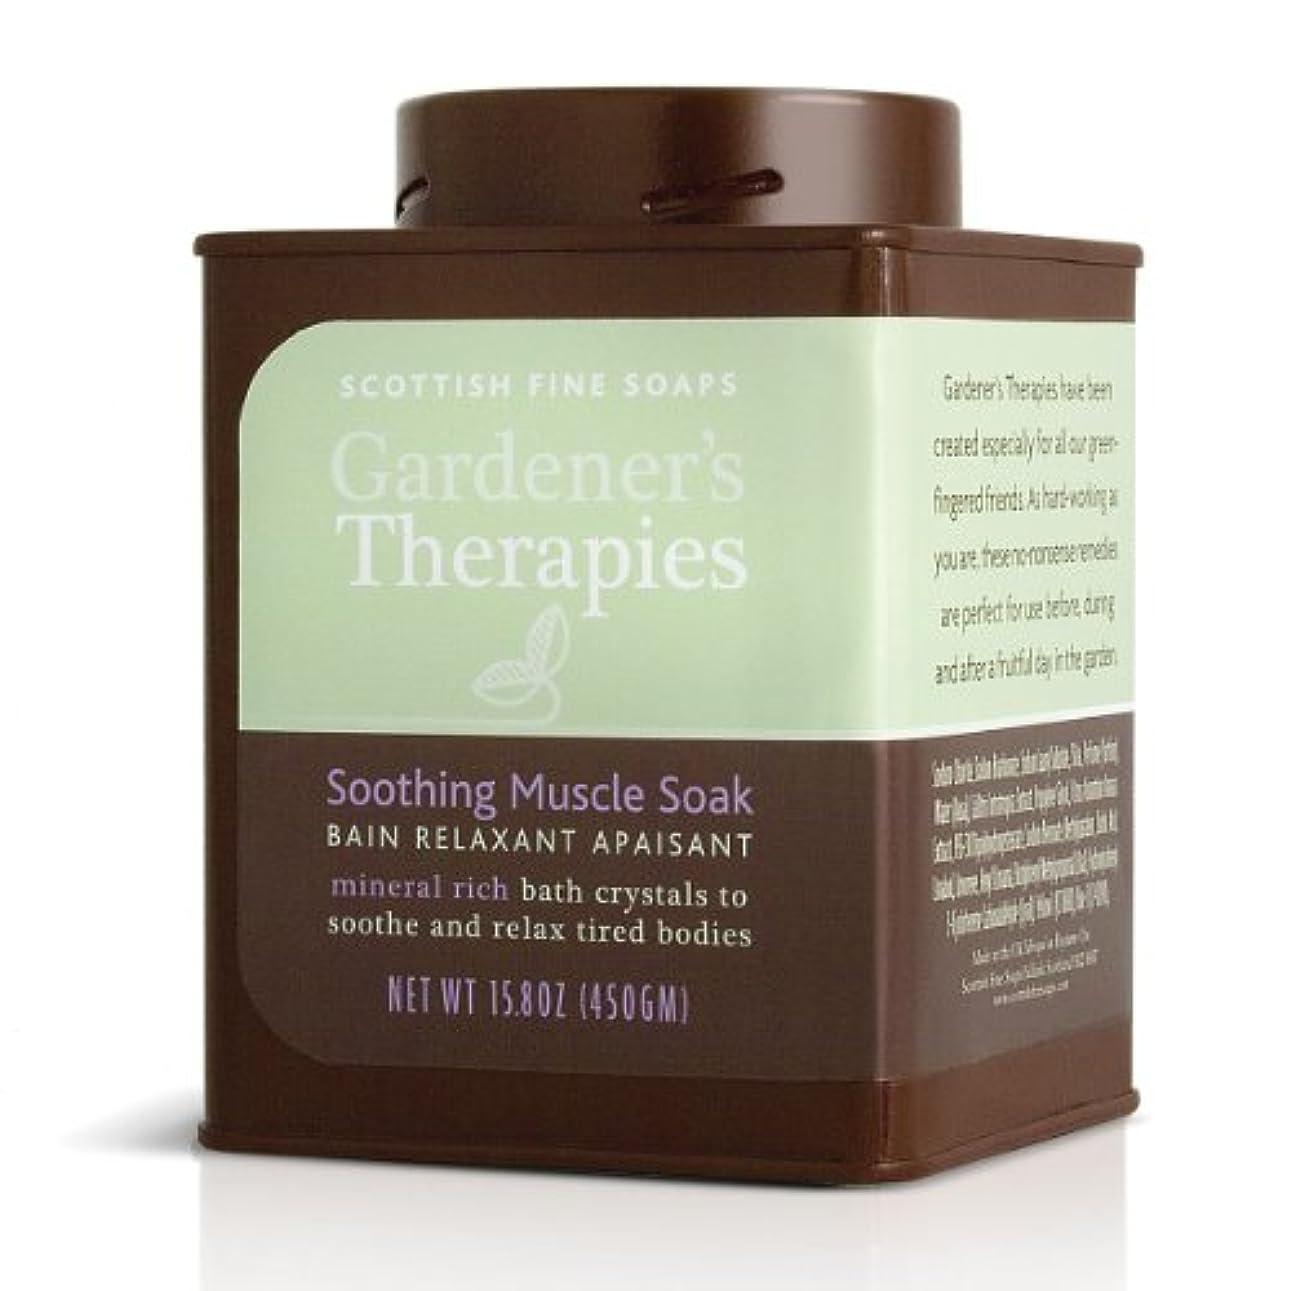 芸術的機構試みるSCOTTISH FINE SOAPS(スコティッシュファインソープ) Gardener's Therapies(ガーデンセラピーシリーズ) リラクシングバスパウダー 500g 5016365005548